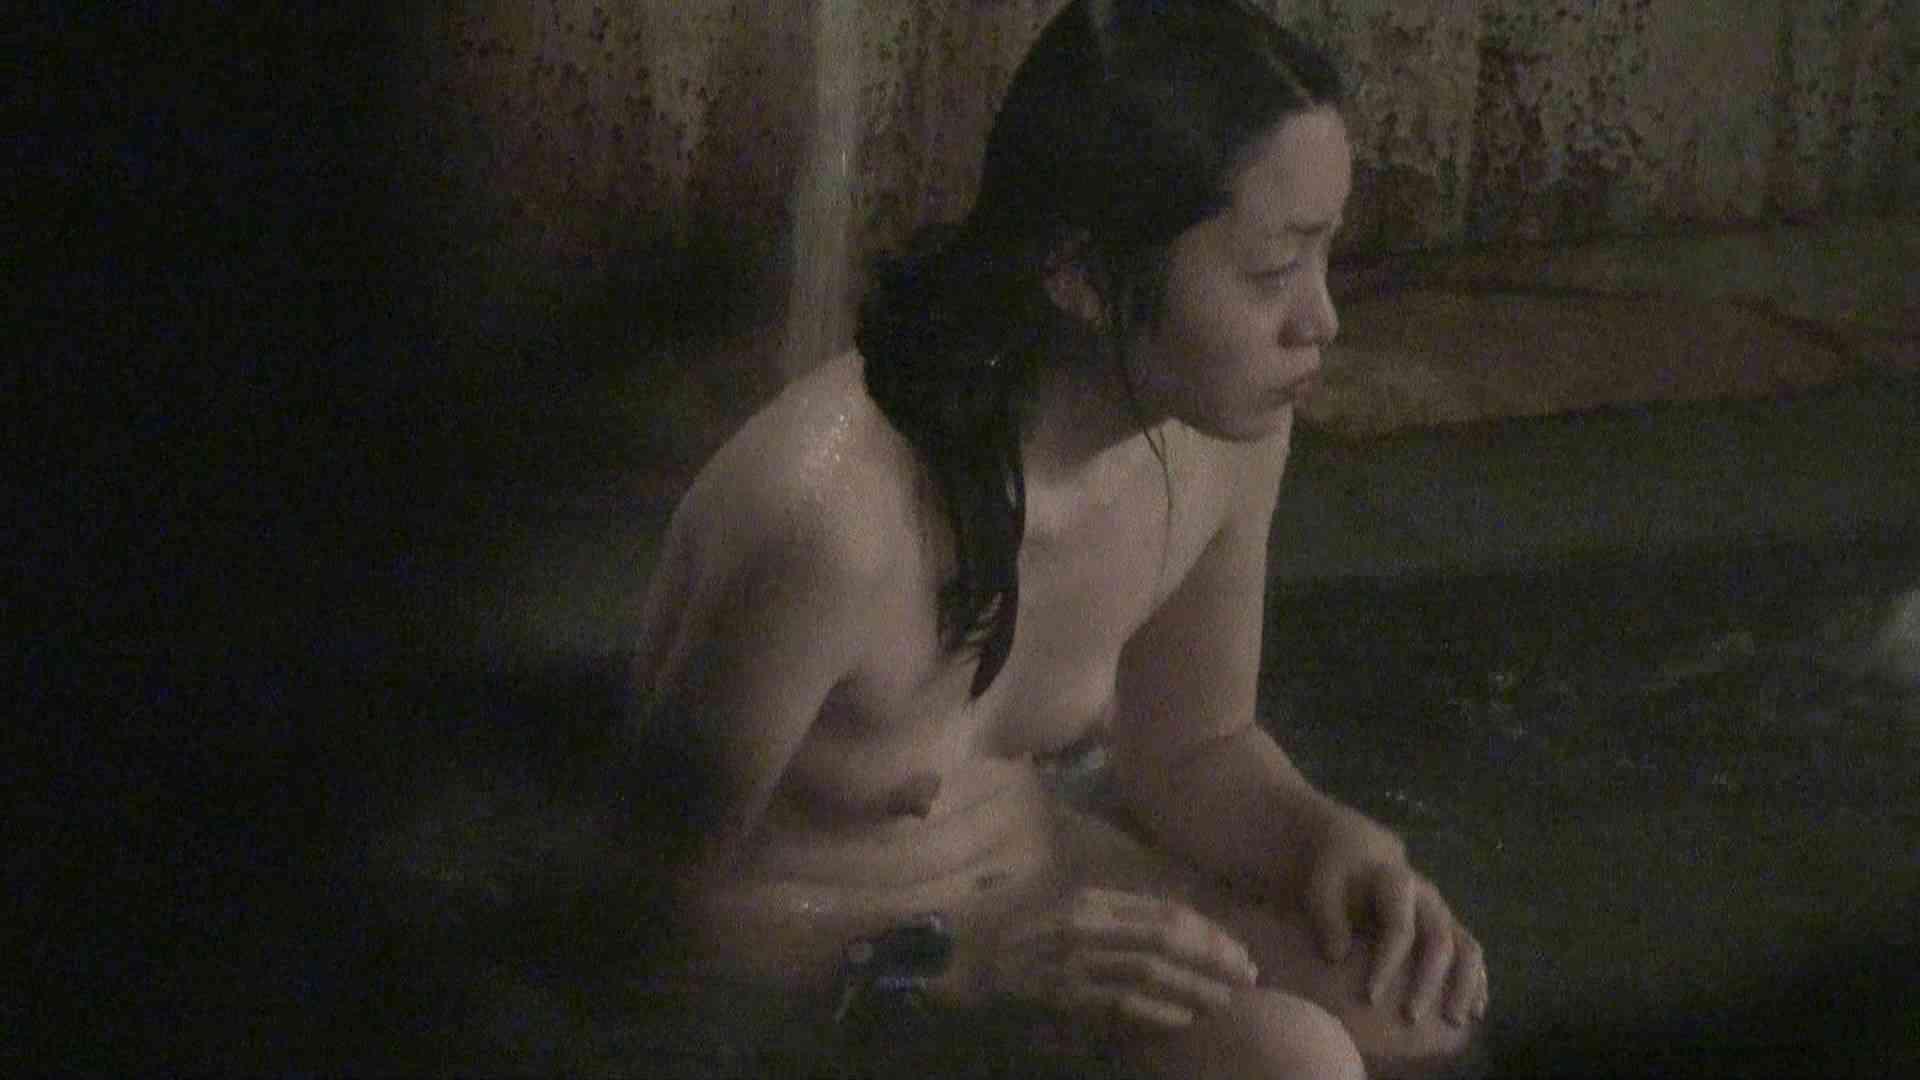 Aquaな露天風呂Vol.317 盗撮   OLのエロ生活  105連発 25